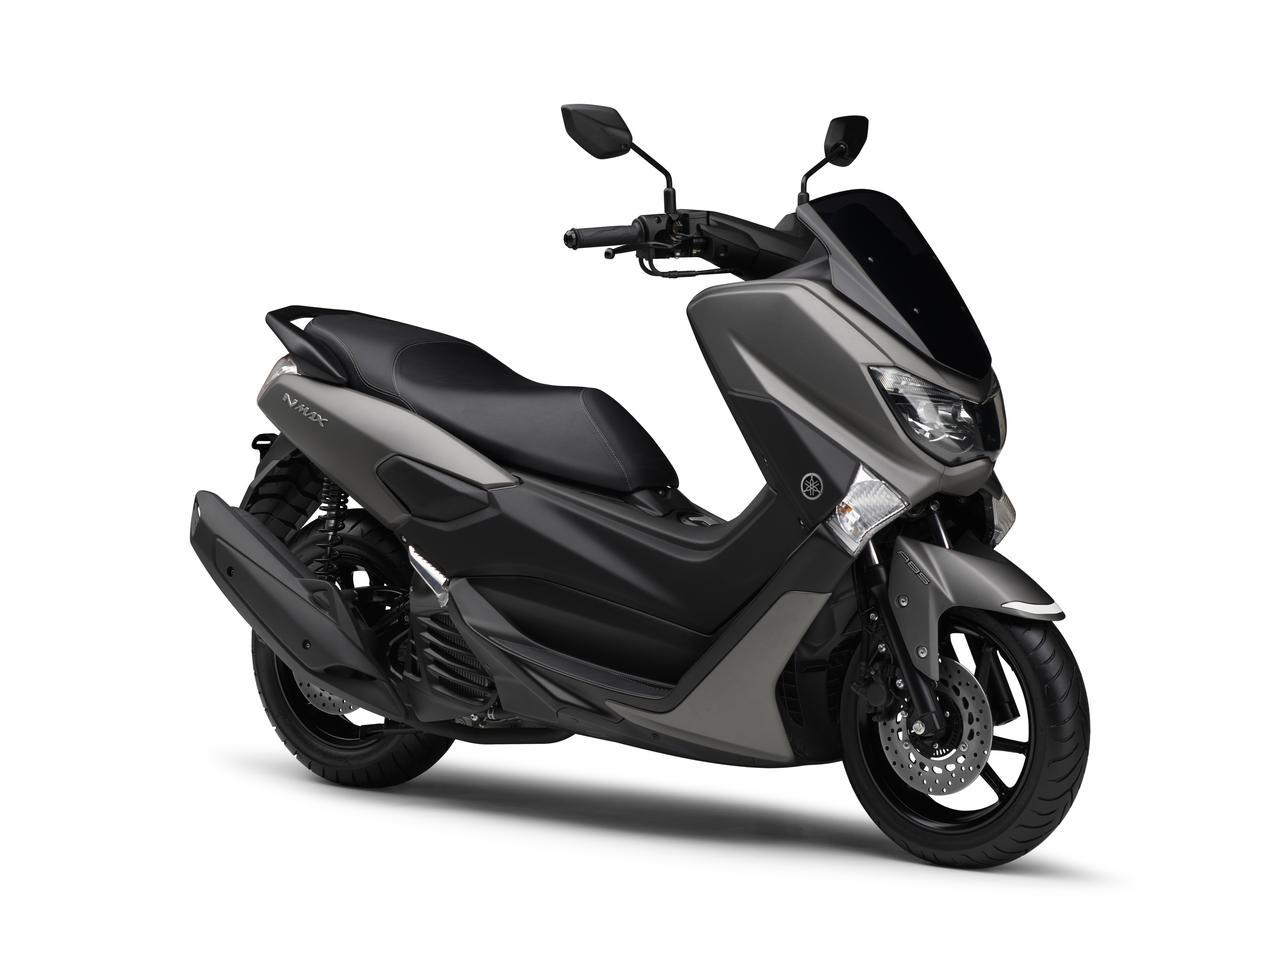 画像16: ヤマハ「NMAX ABS」(2020年)解説&試乗インプレ|YAMAHAで最も高価な125cc二輪スクーターの魅力とは?